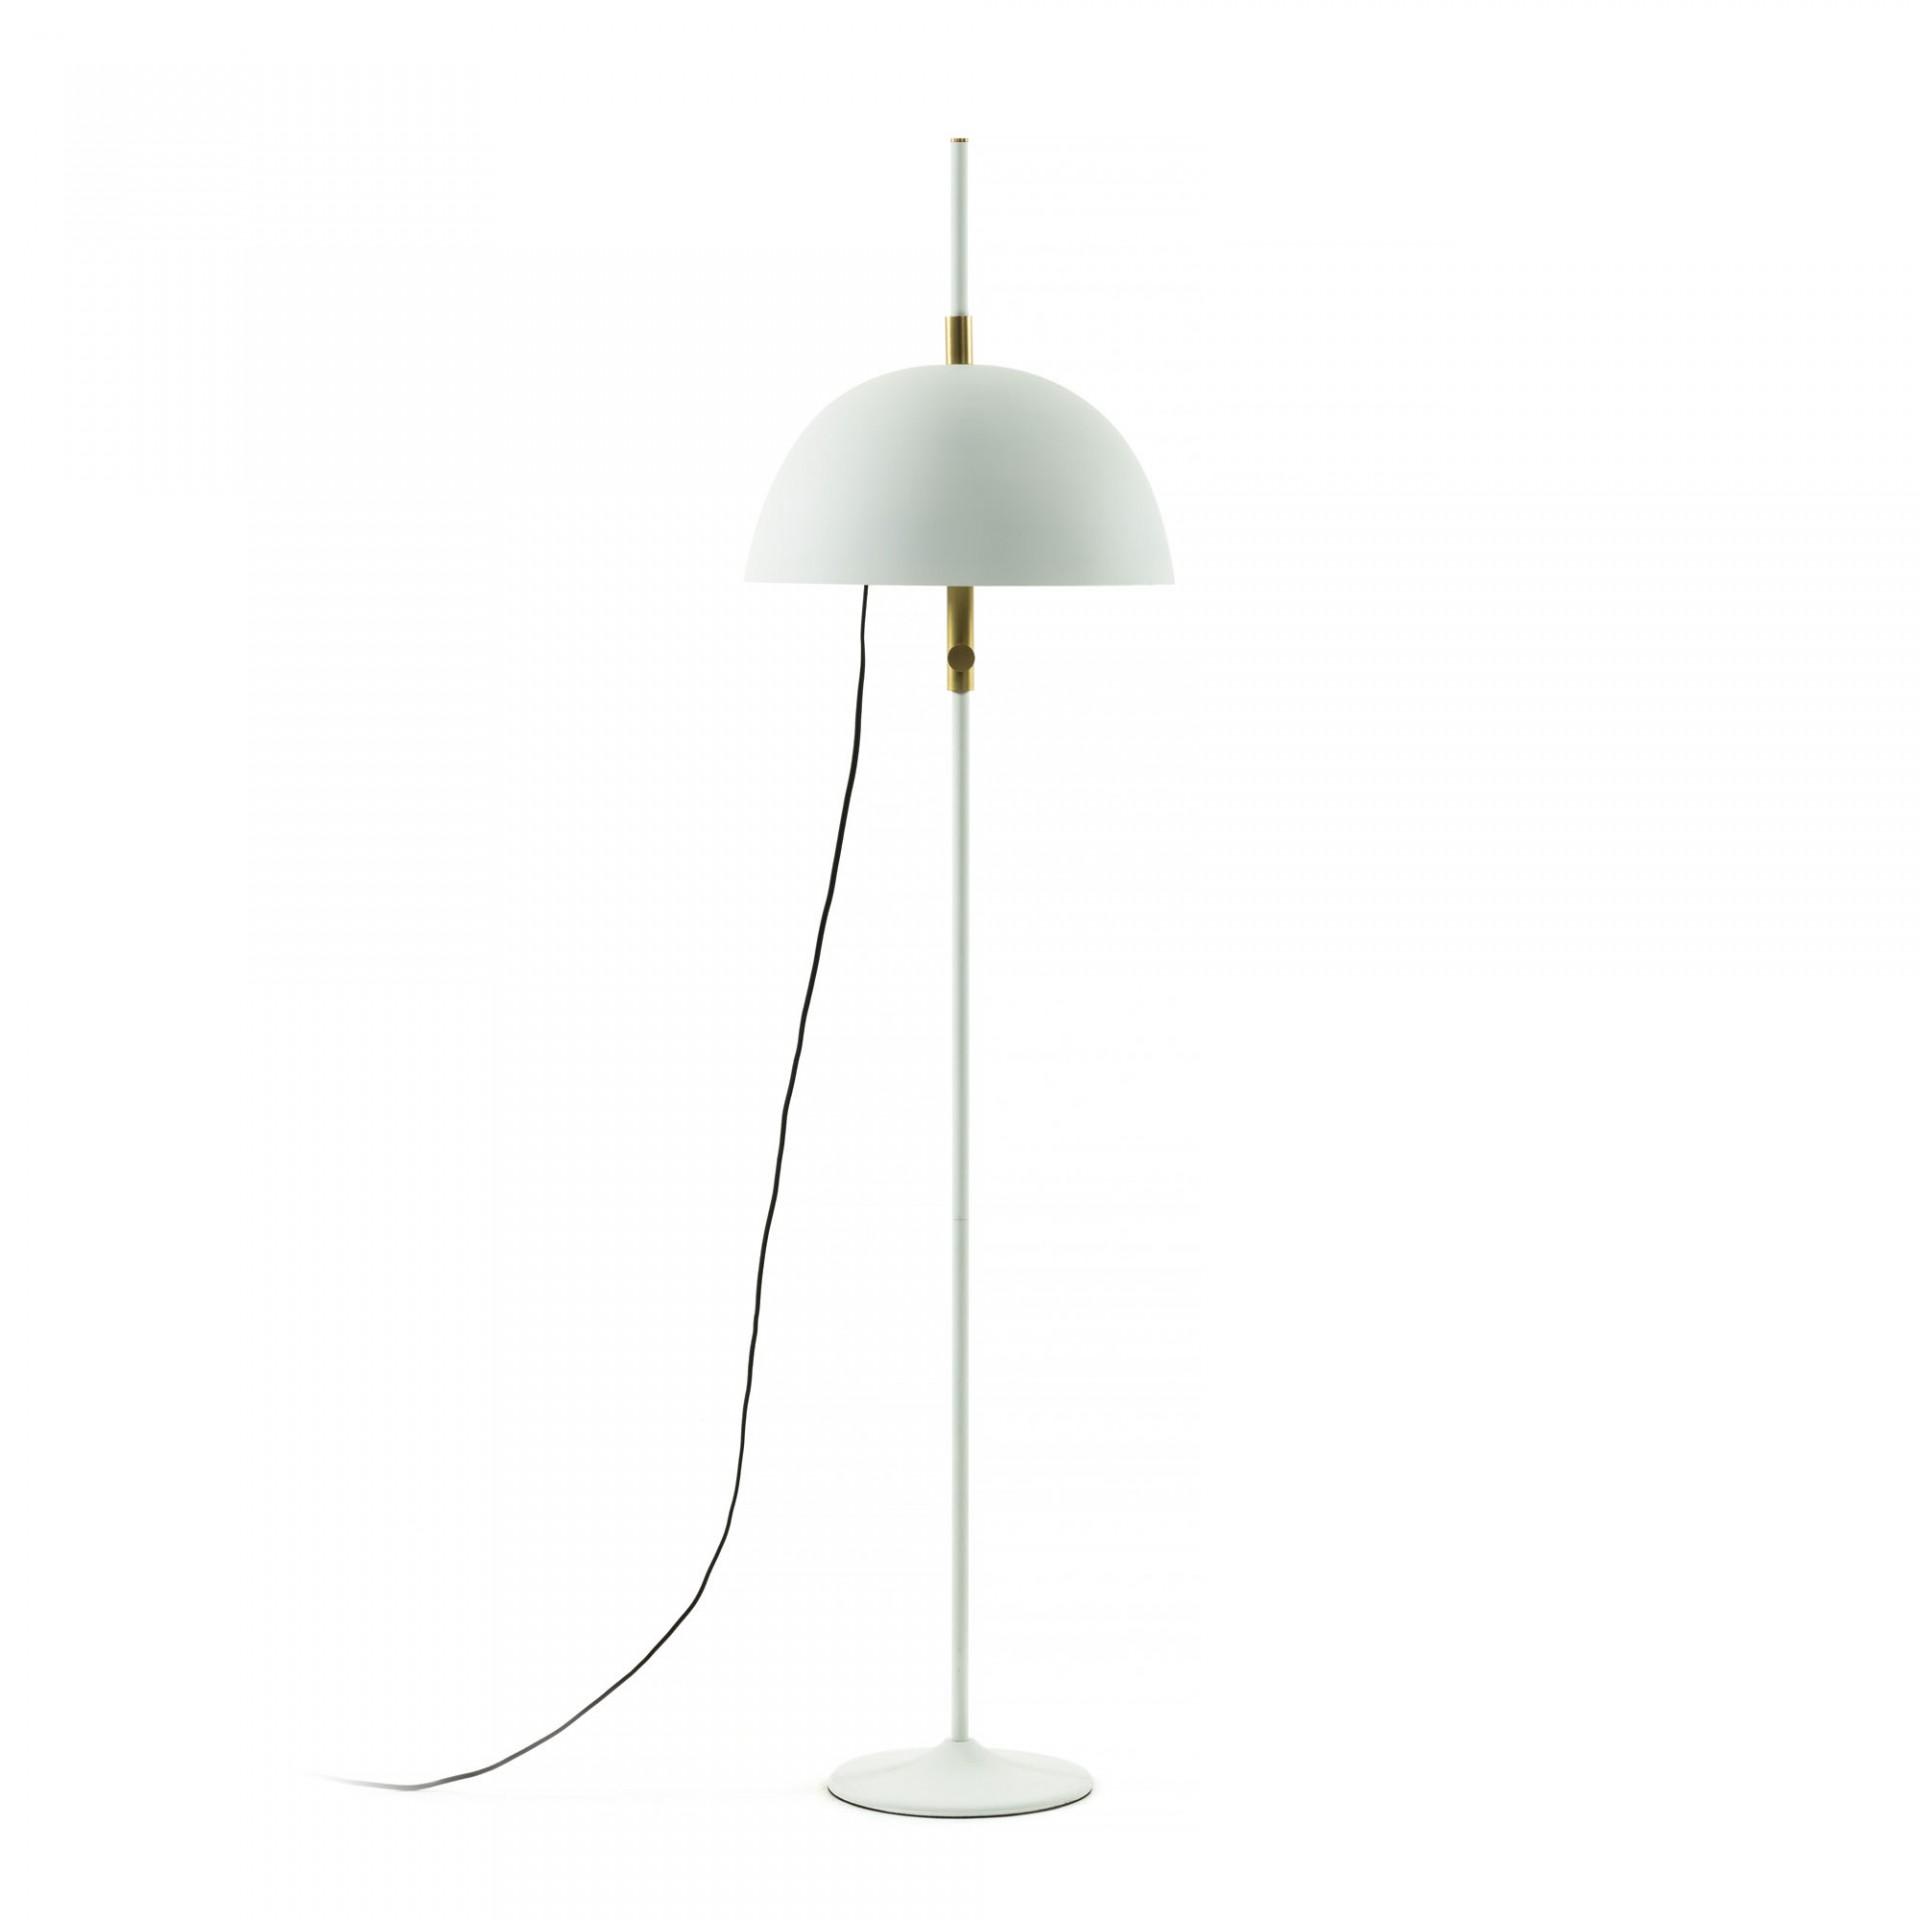 Candeeiro de pé Sina, metal, branco/dourado, Ø40x154 cm